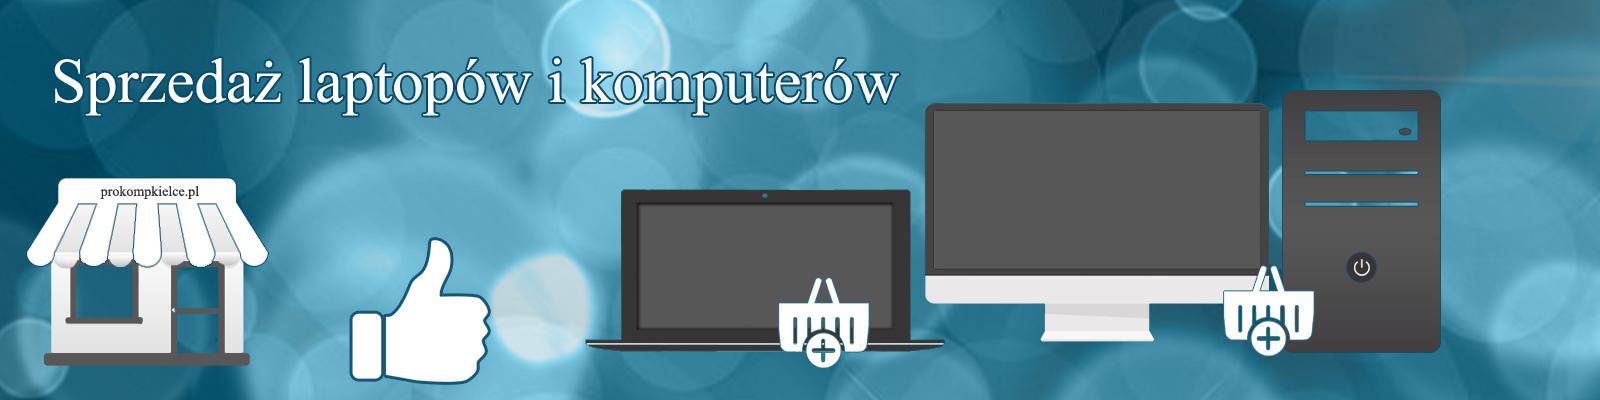 sprzedaz_laptopow_komputerow_prokompkielce.pl